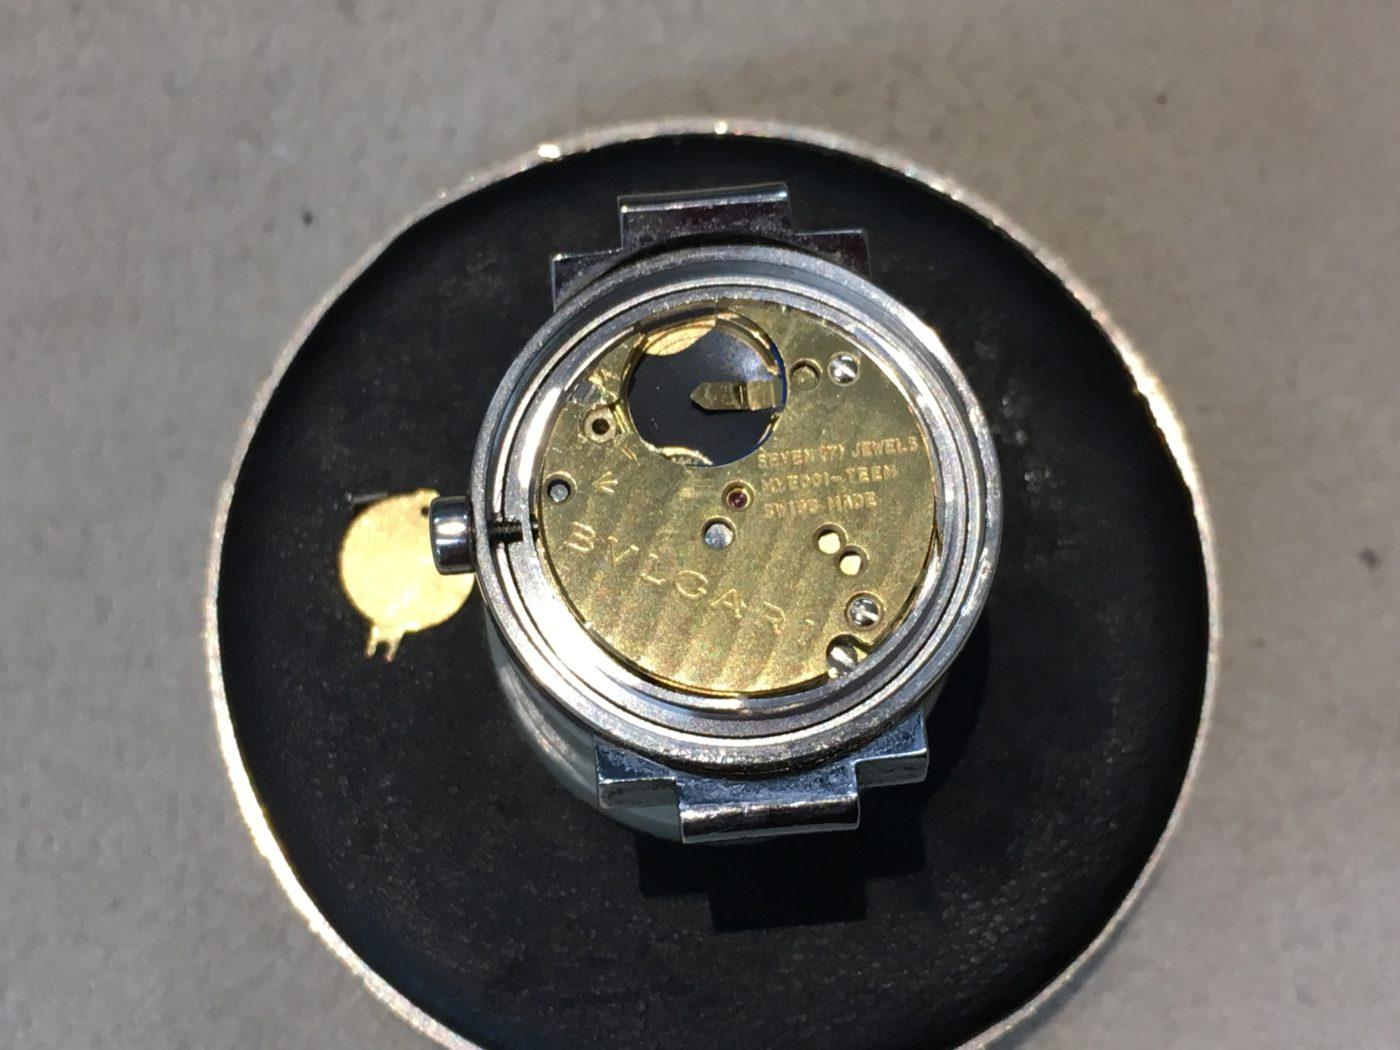 BVLGARI ブルガリ 腕時計 電池交換 山梨県 富士河口湖町 金額 本物